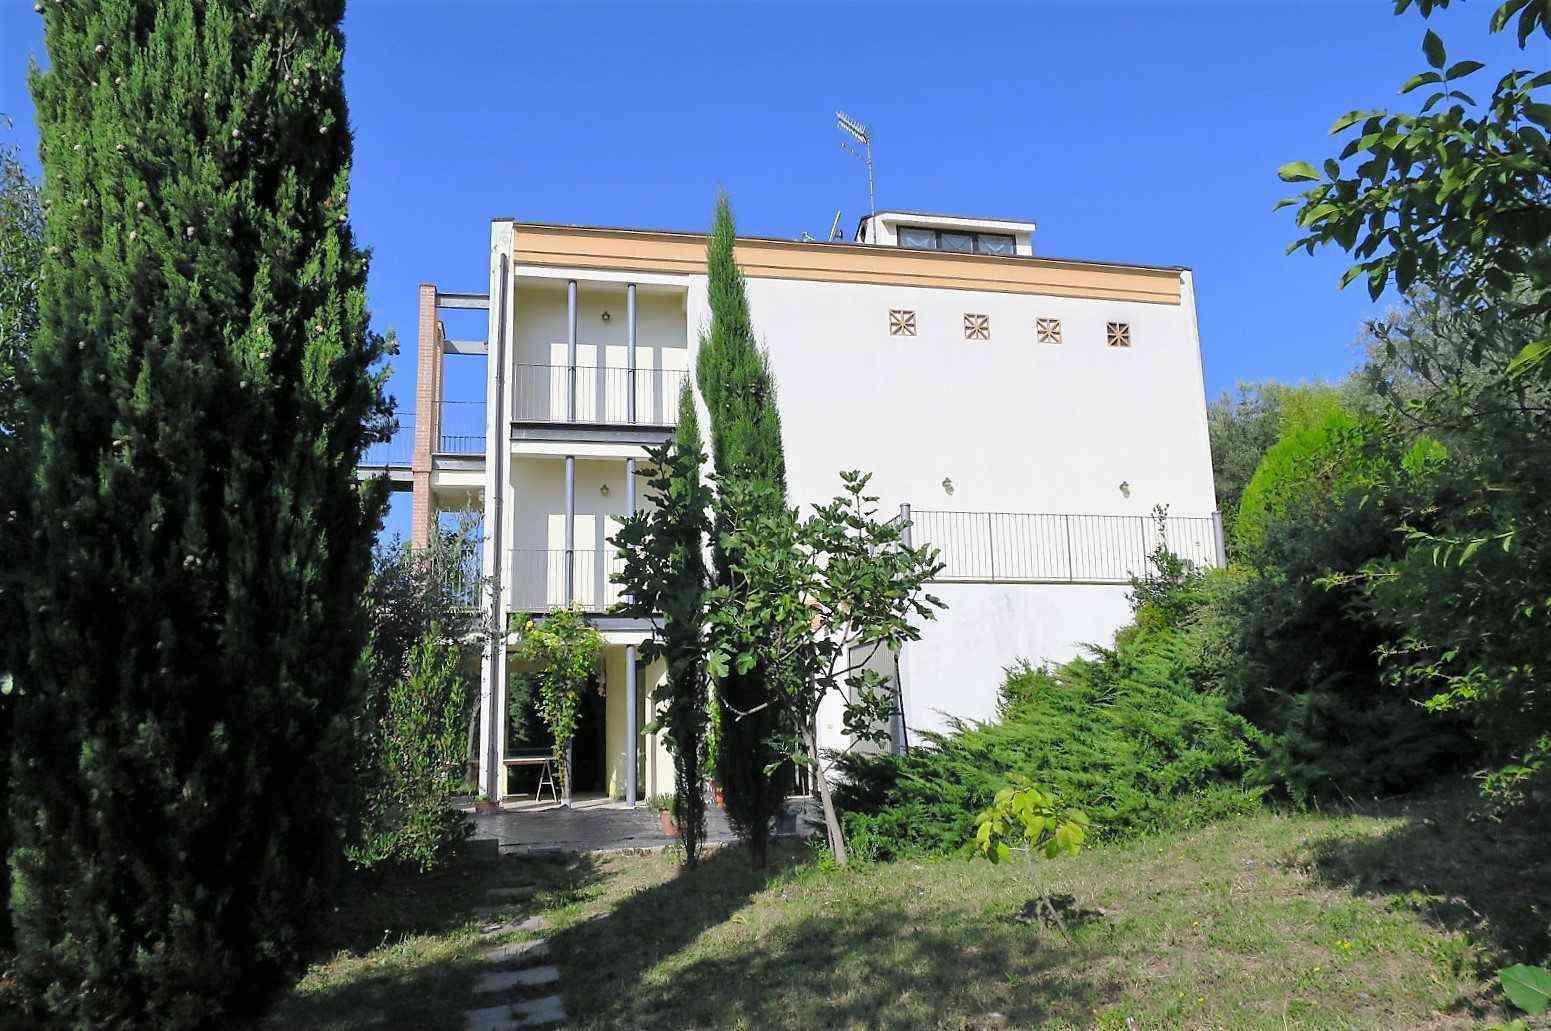 Villa Villa Paola - Atri - EUR 469.121